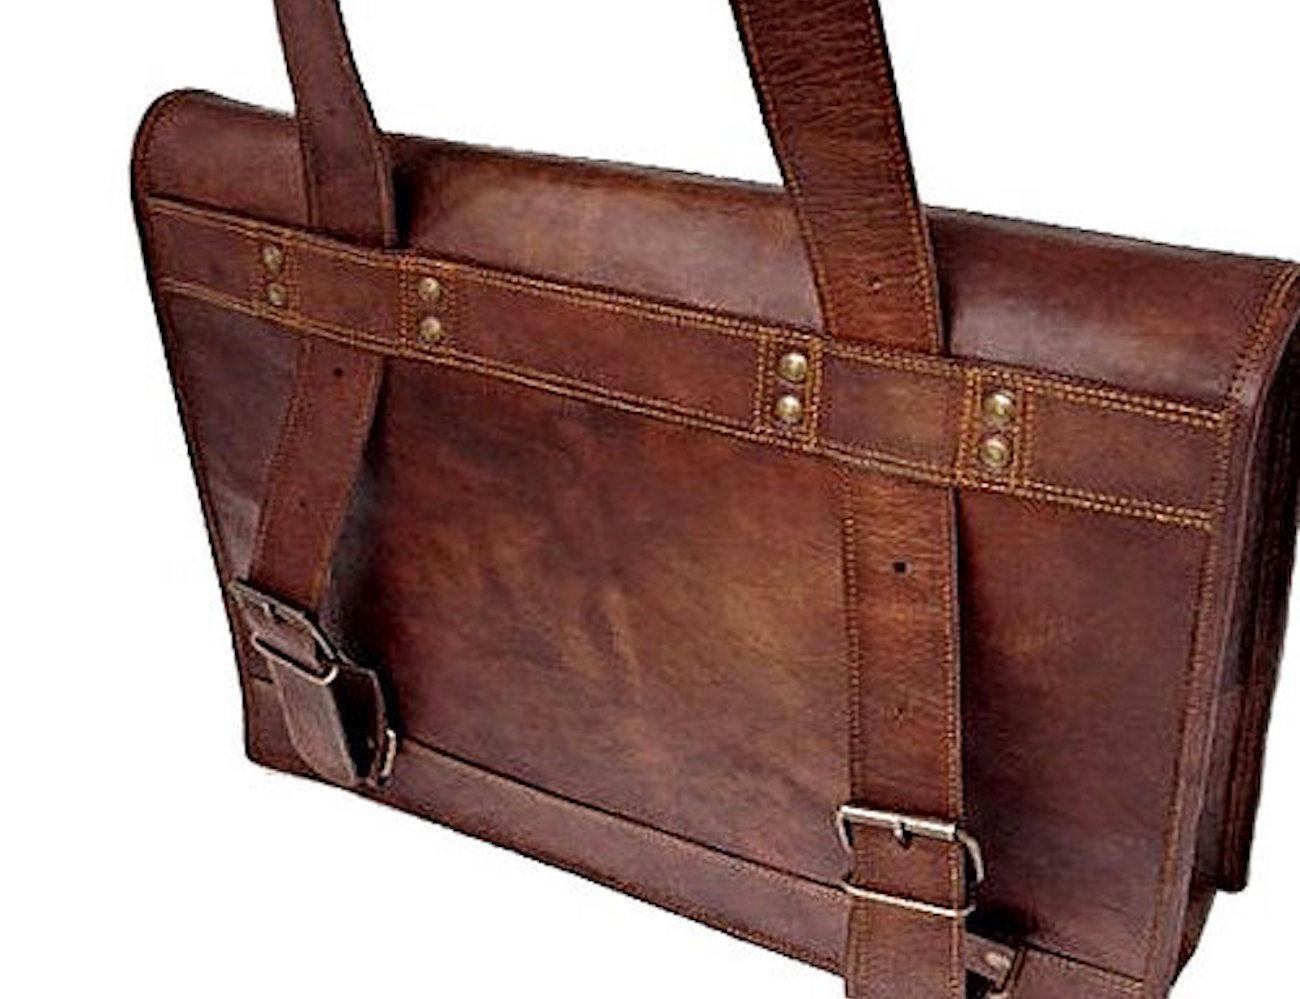 Vintage Haversack Goat Leather Bag